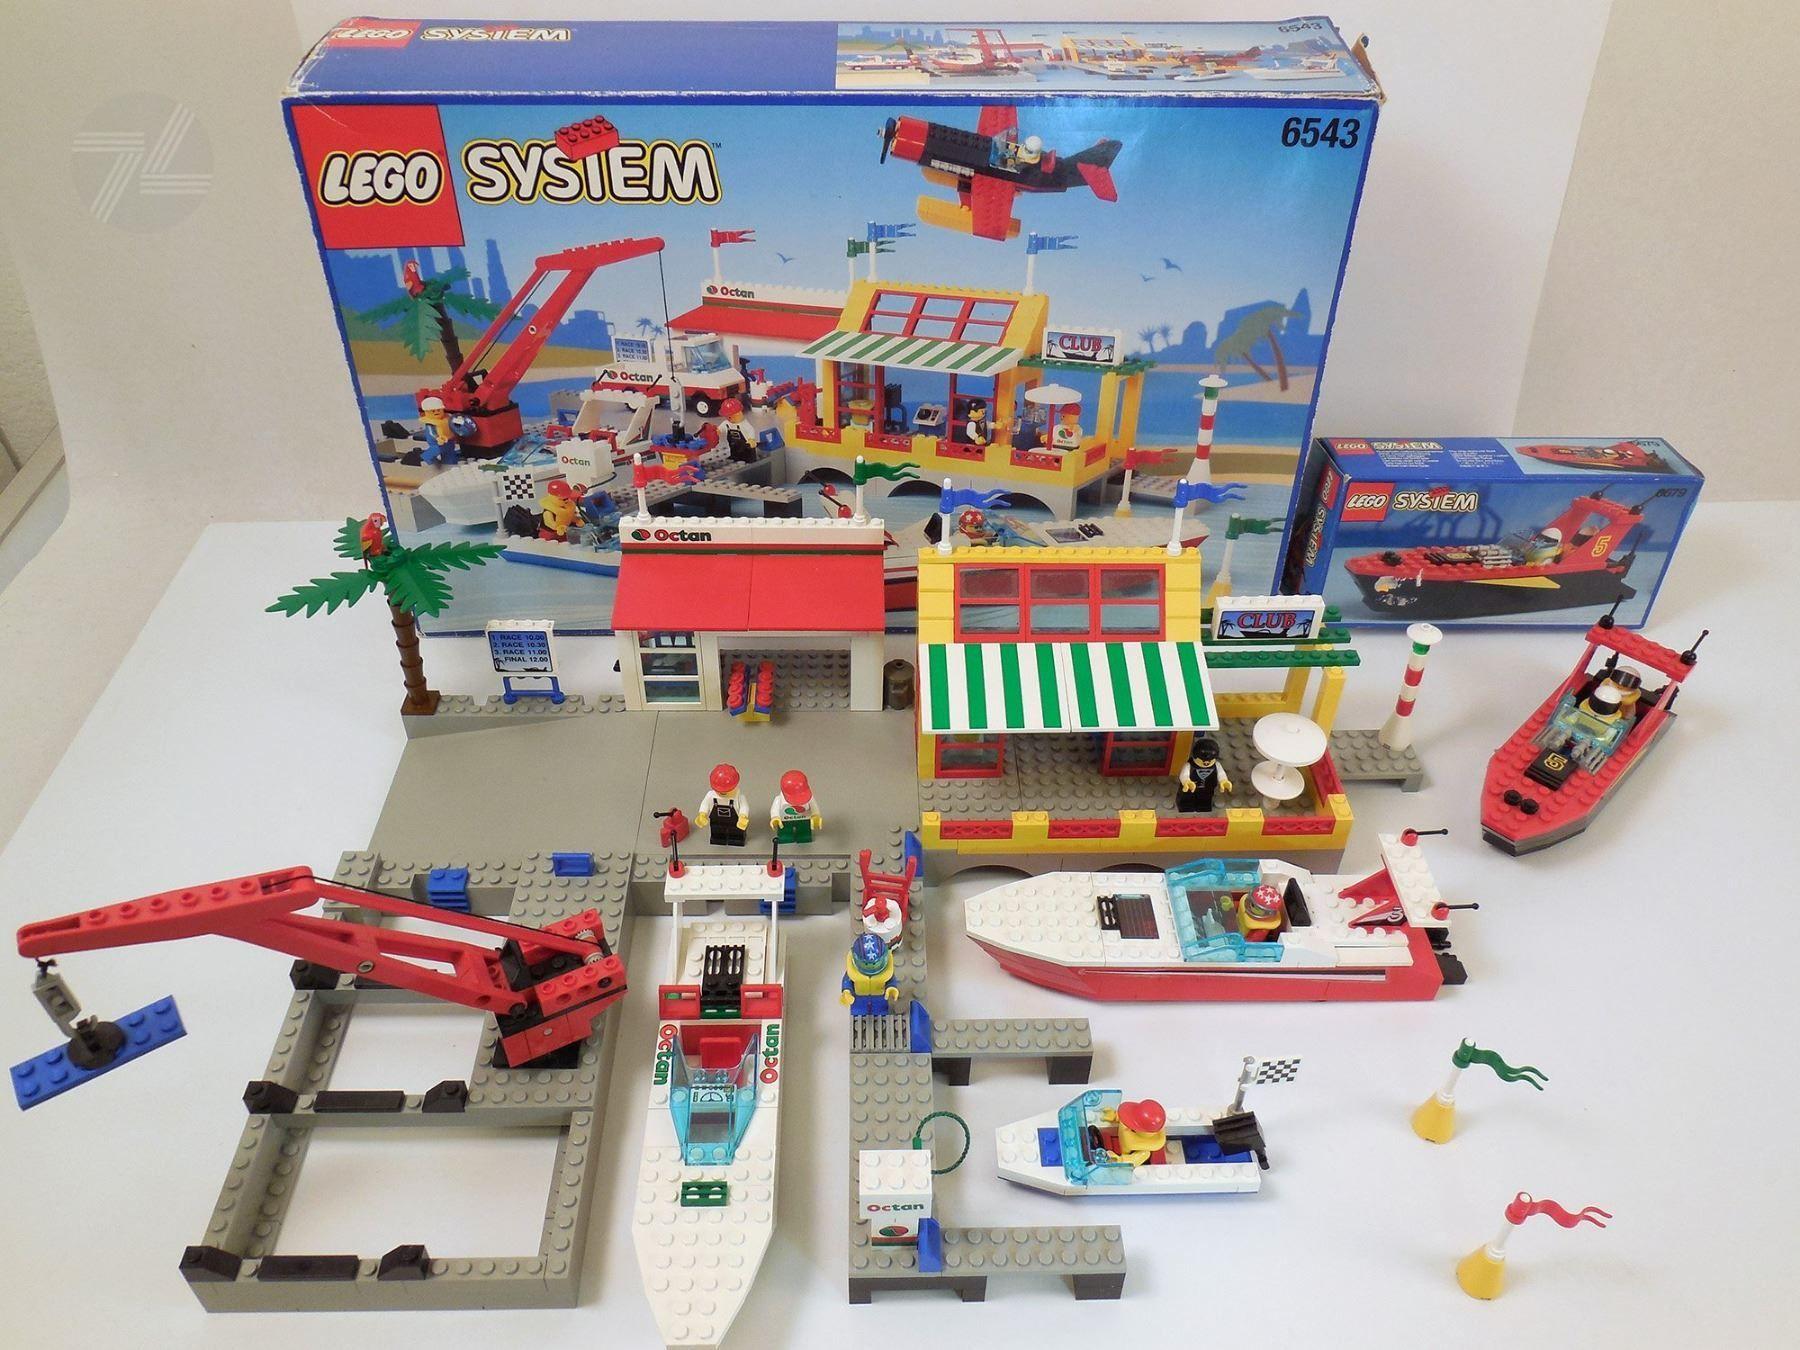 Lego 6543 6679 Marina Rennboot Hafen Cyan74com Vintage